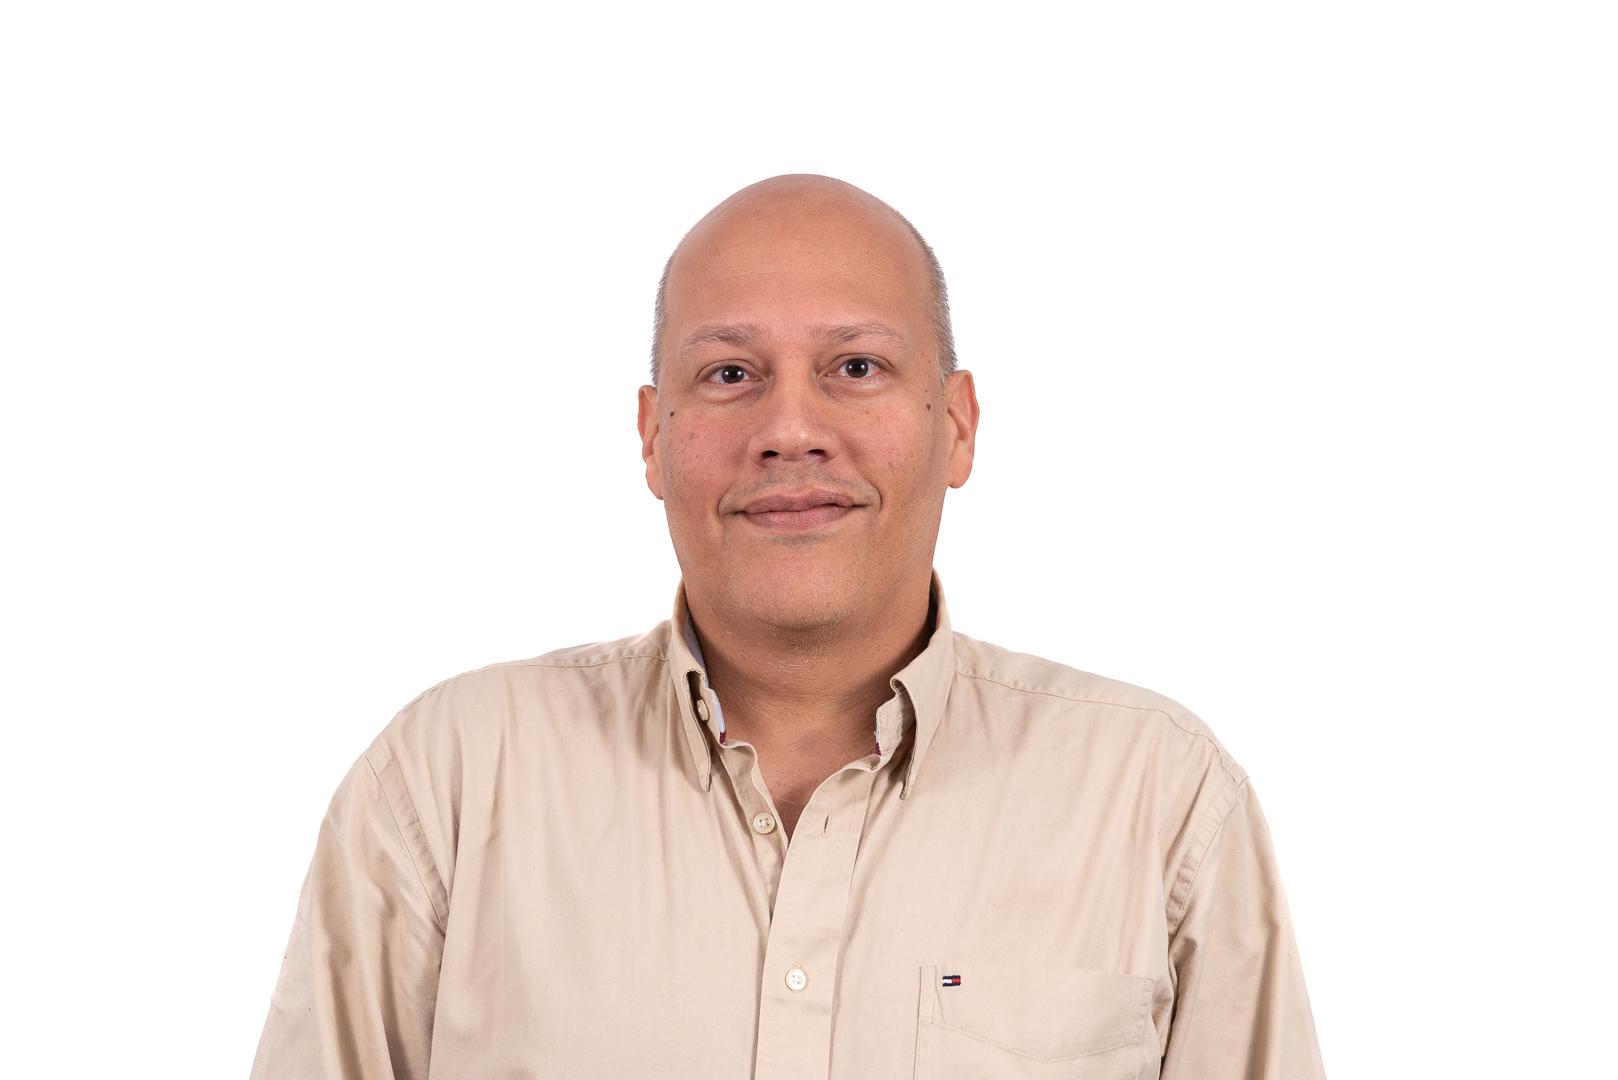 Danilo picture